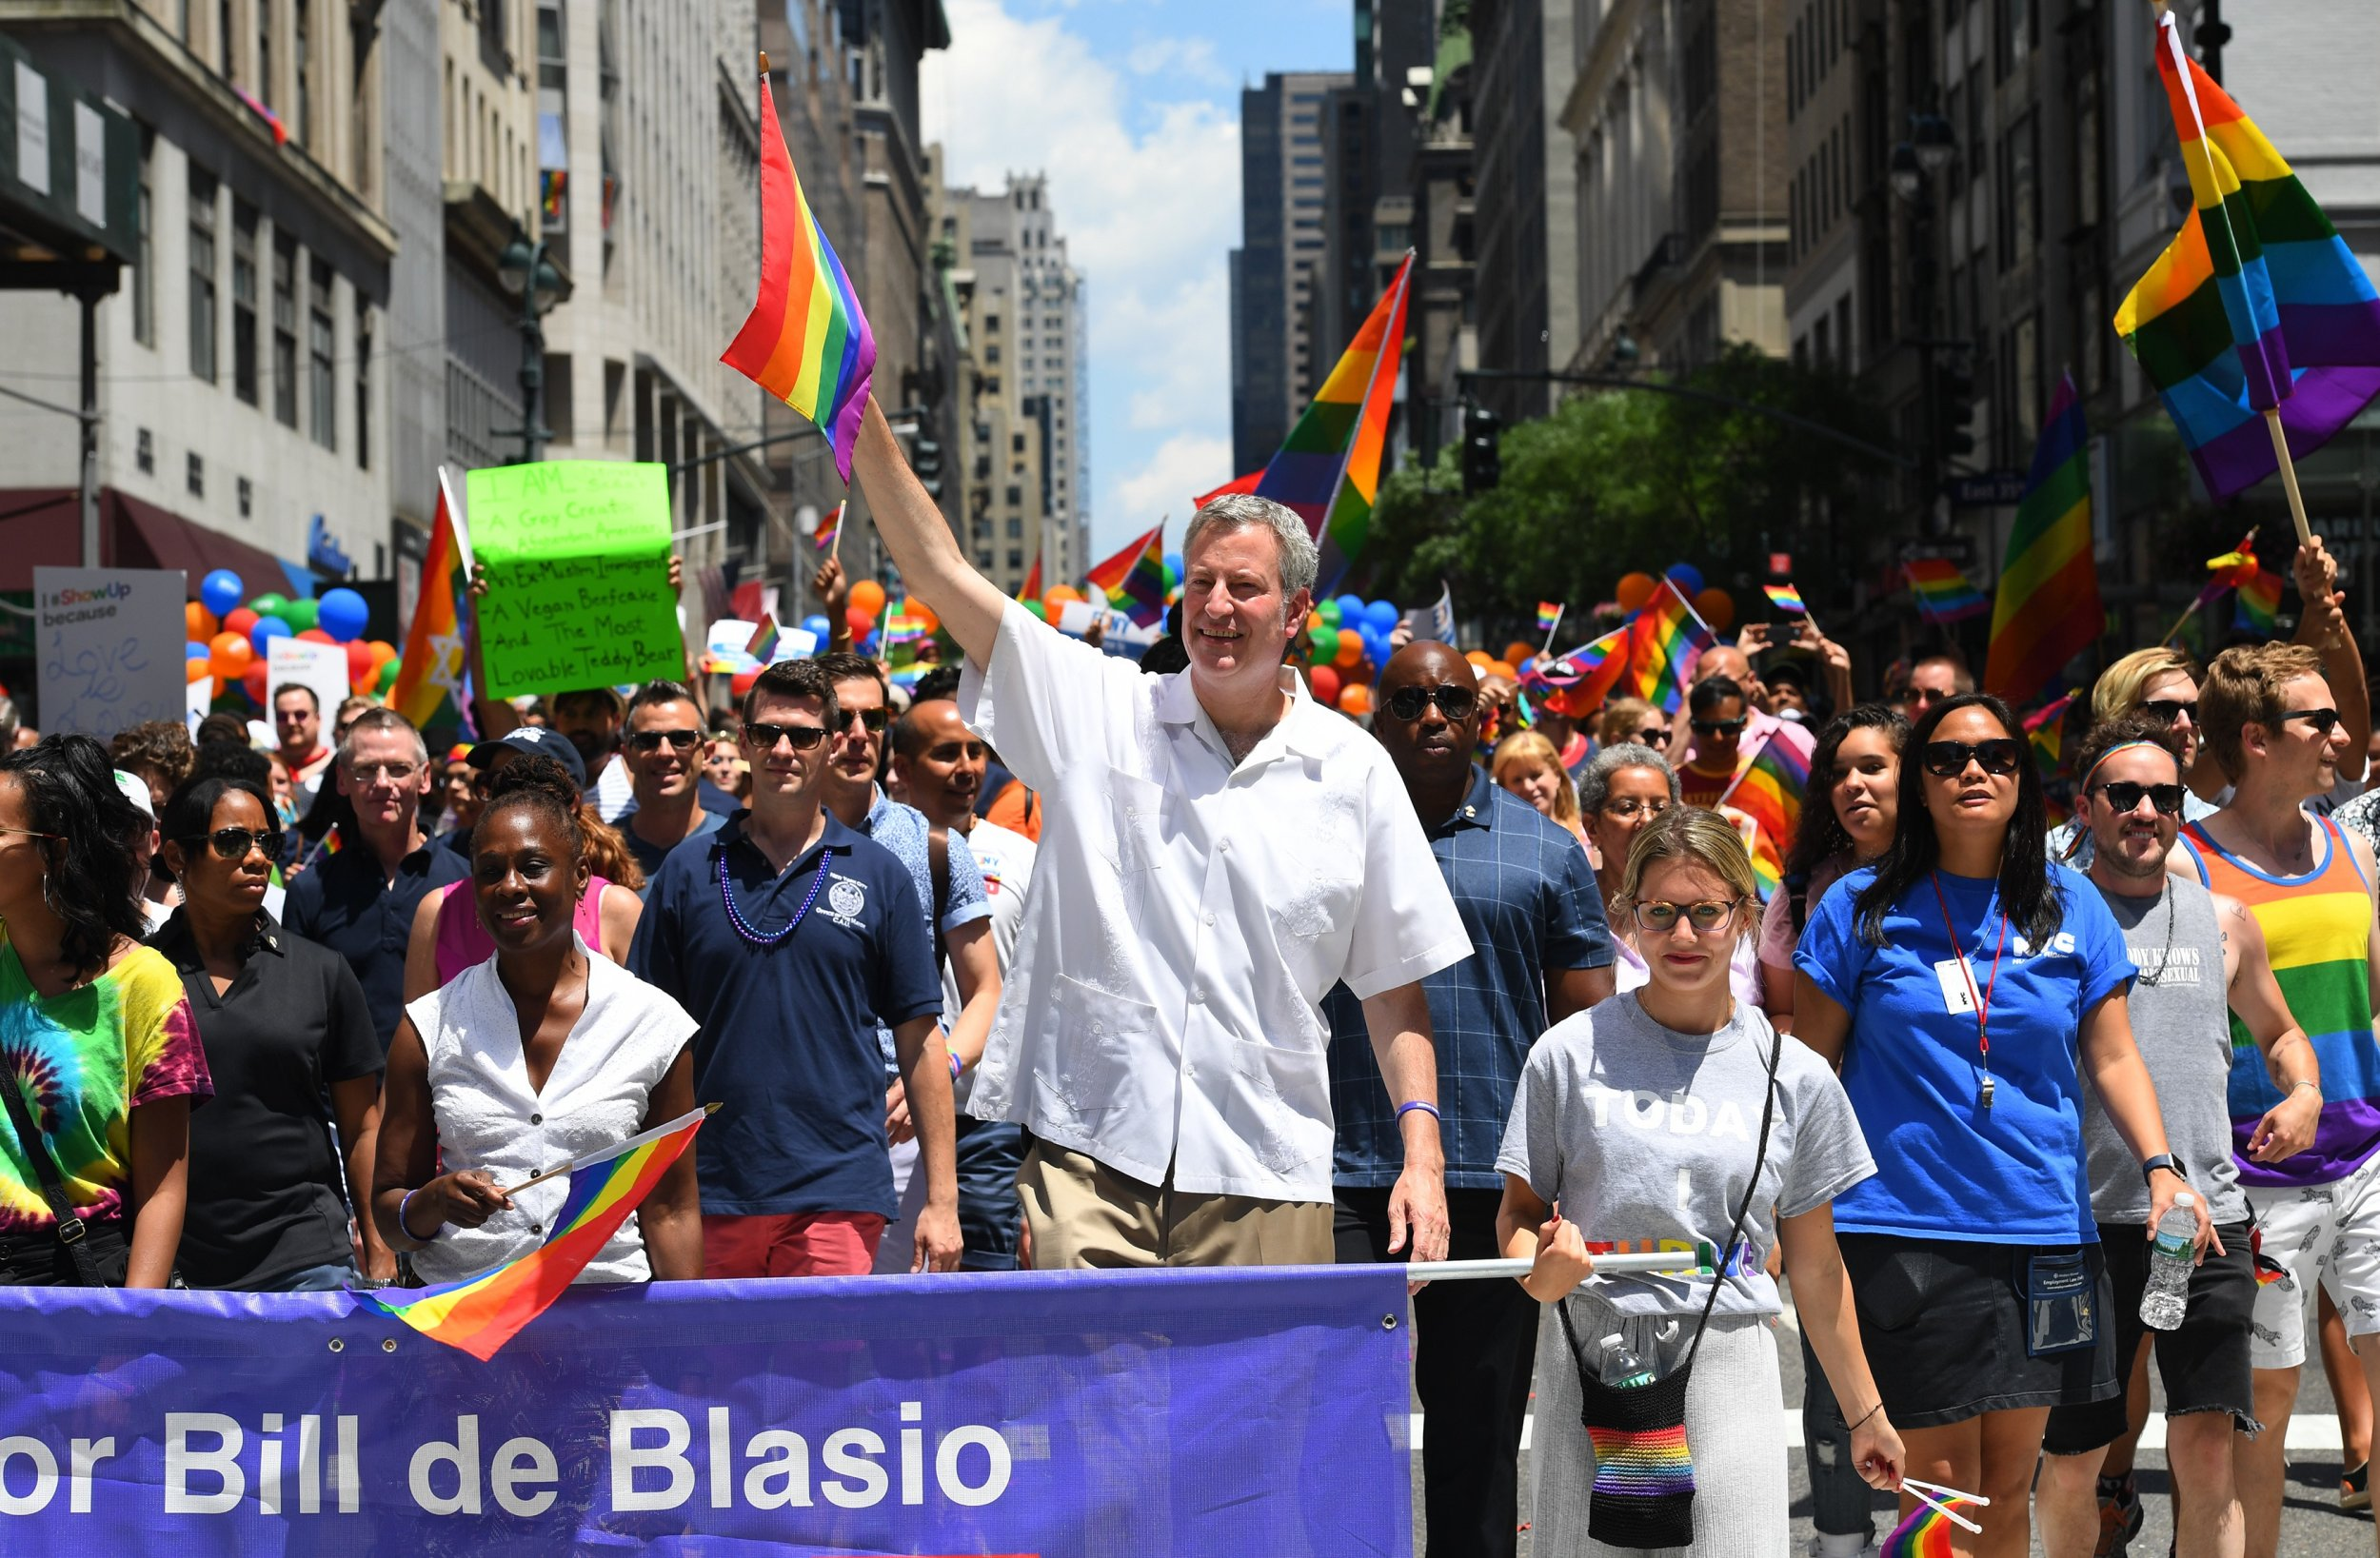 de blasio pride parade